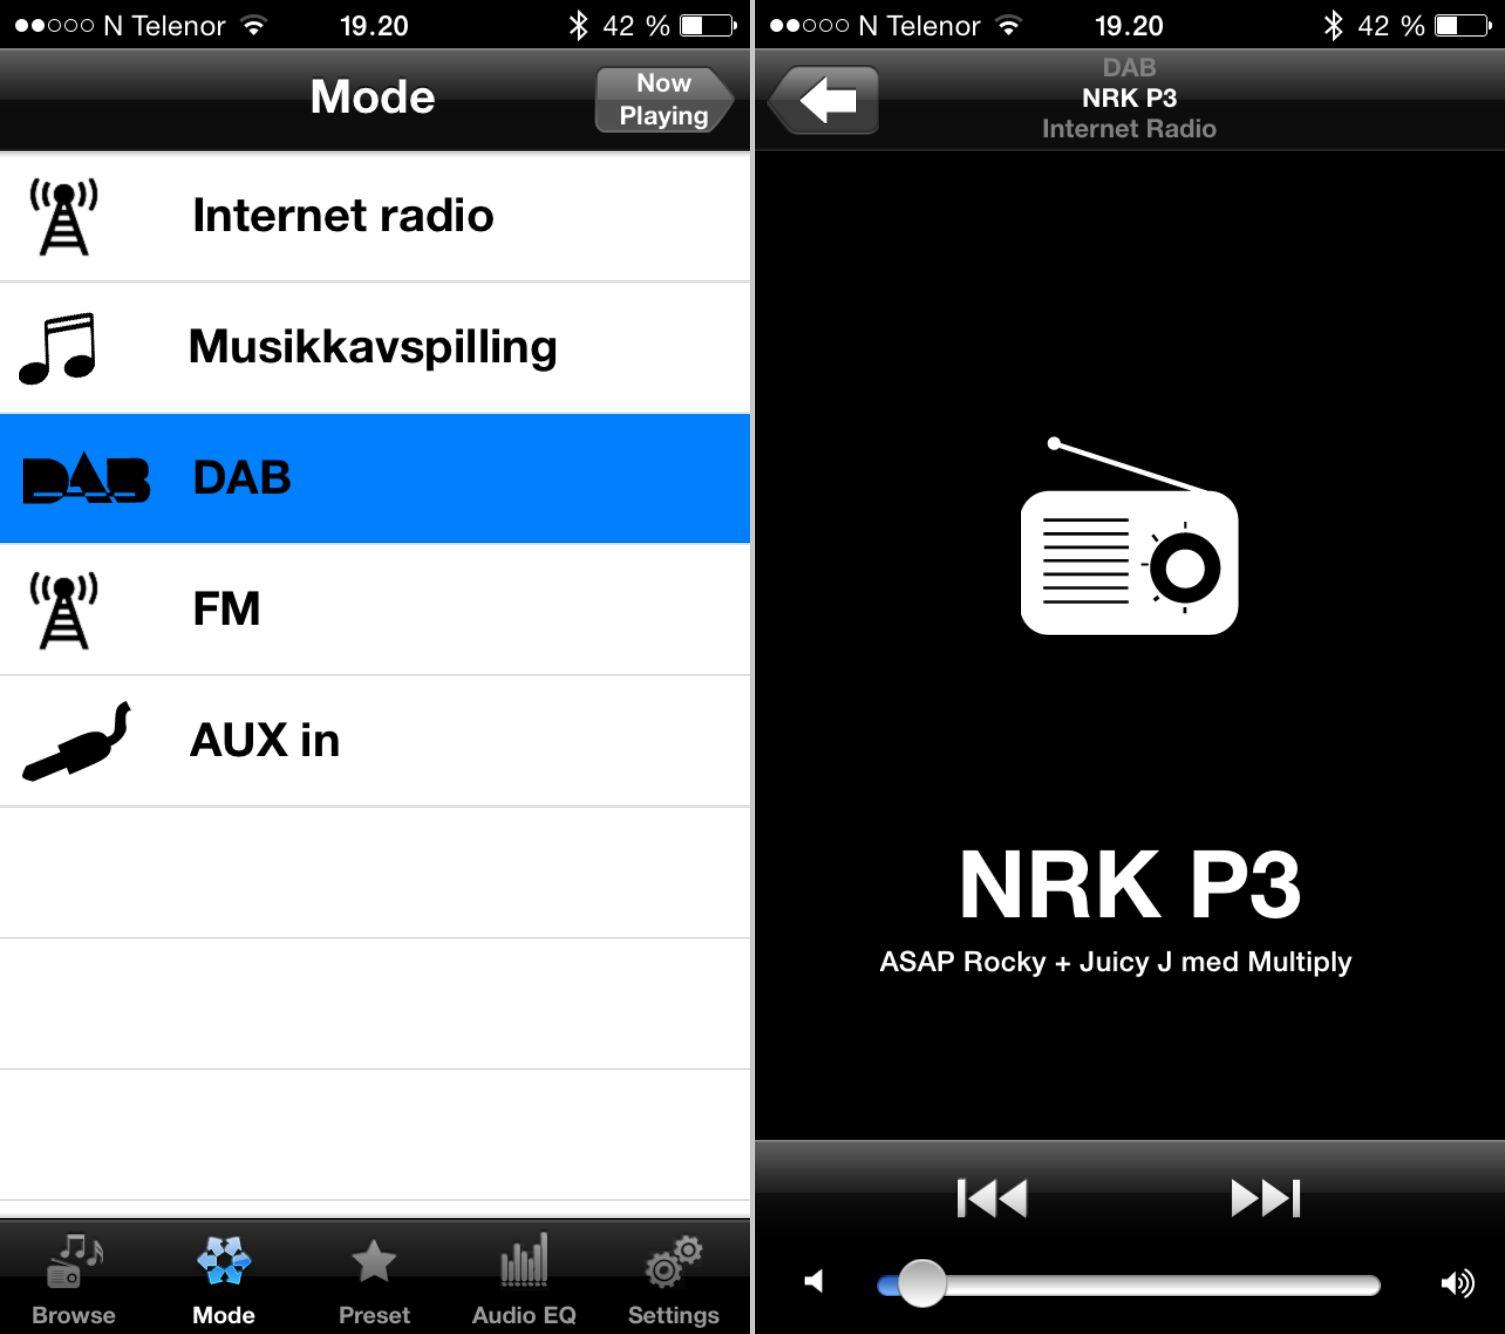 Slik ser iPhone-appen ut.